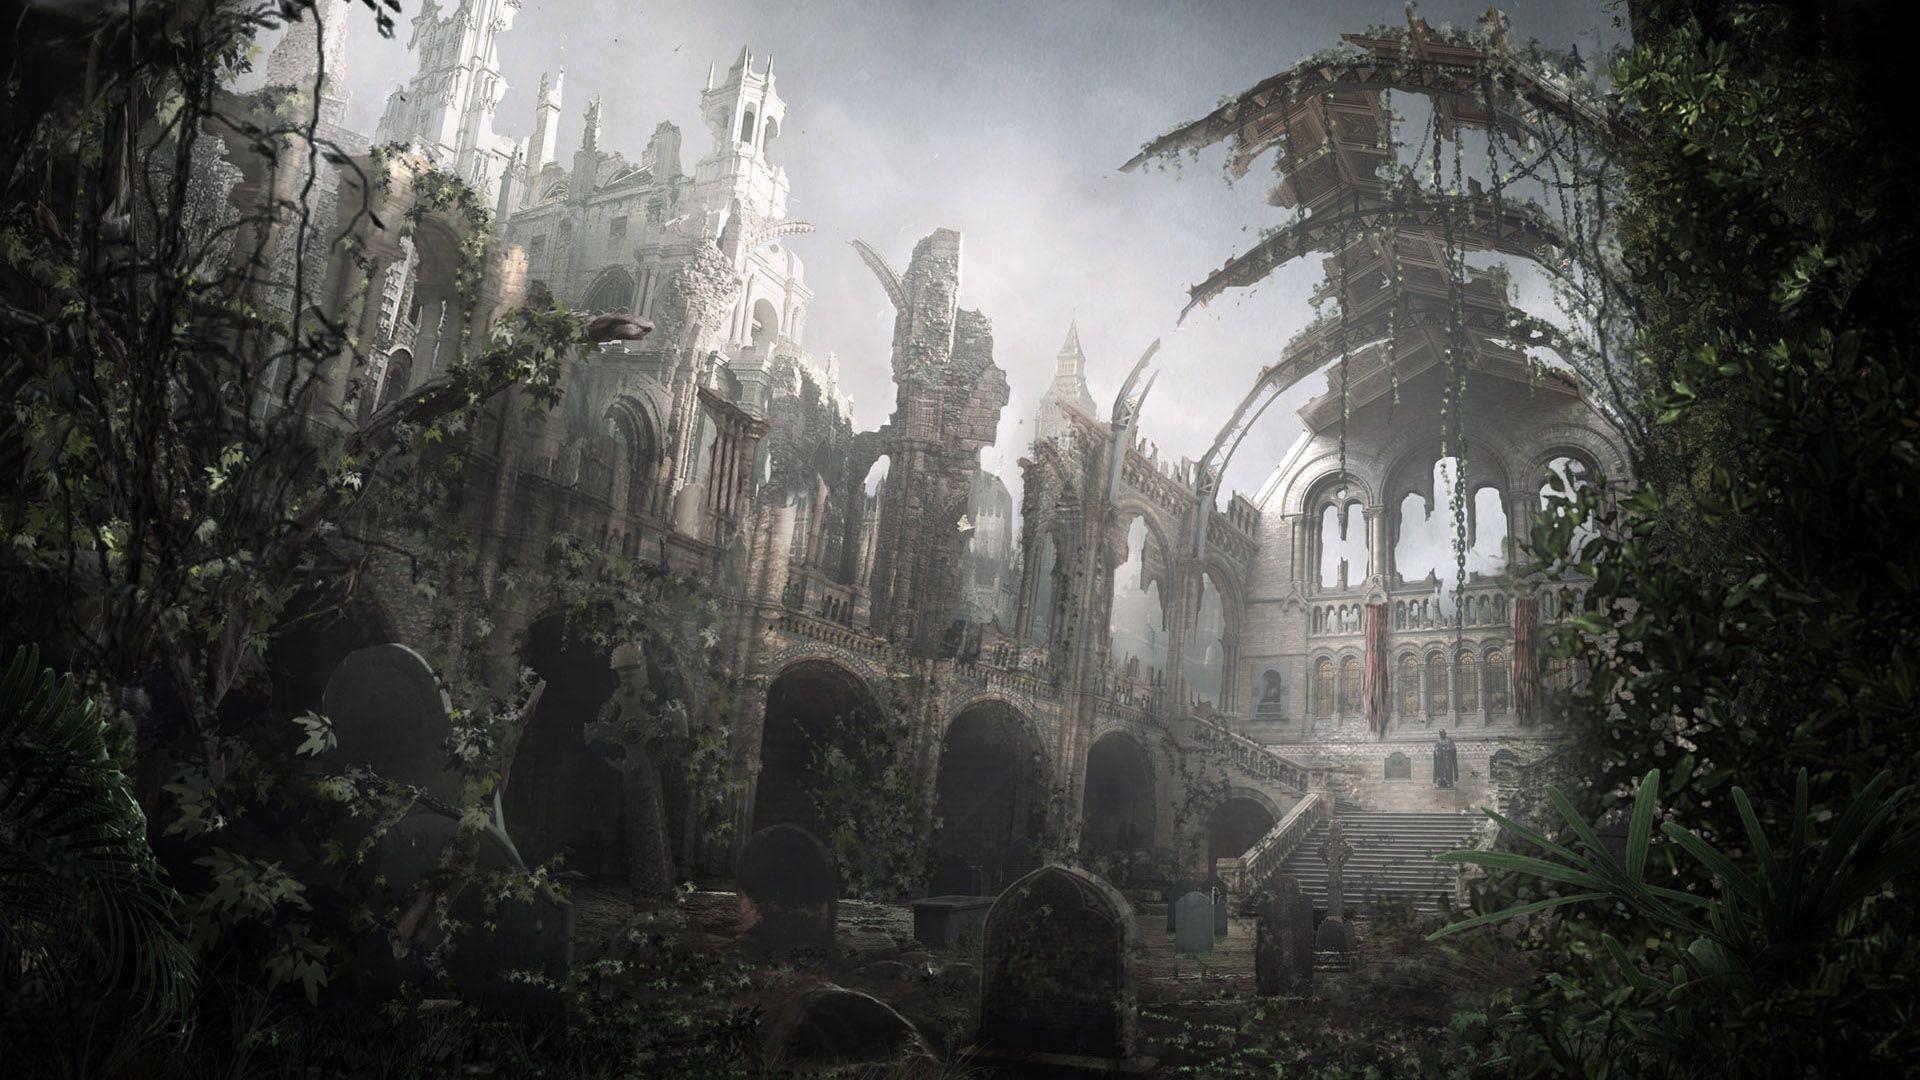 Dark Fantasy Landscape High Quality HD Wallpaper #0g9w1